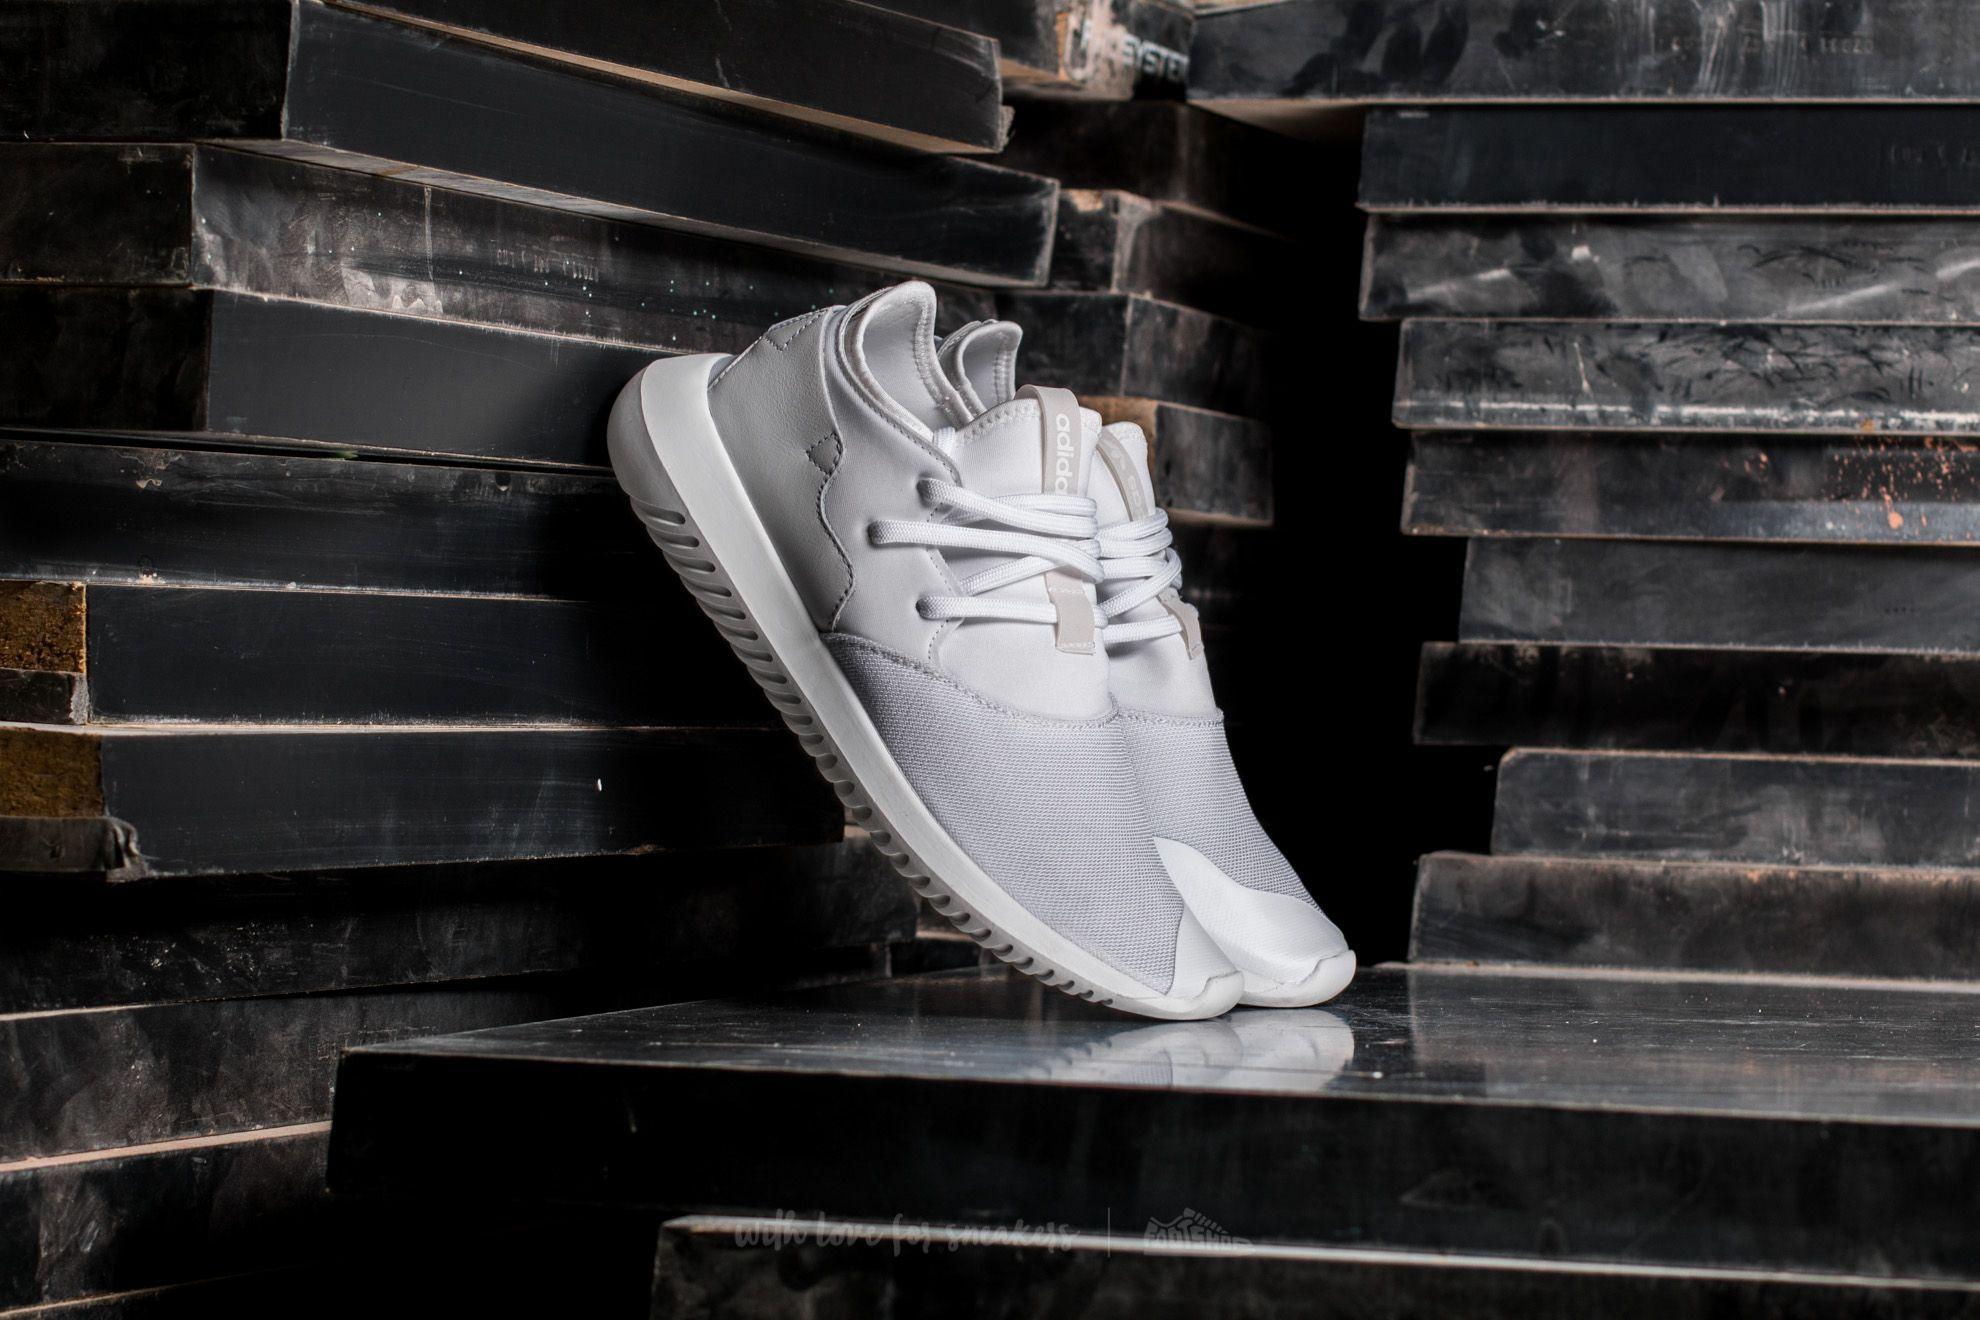 new concept 9eade 16964 Adidas Tubular Entrap blanca BA7103 women. Adidas Originals 2017.  https   www